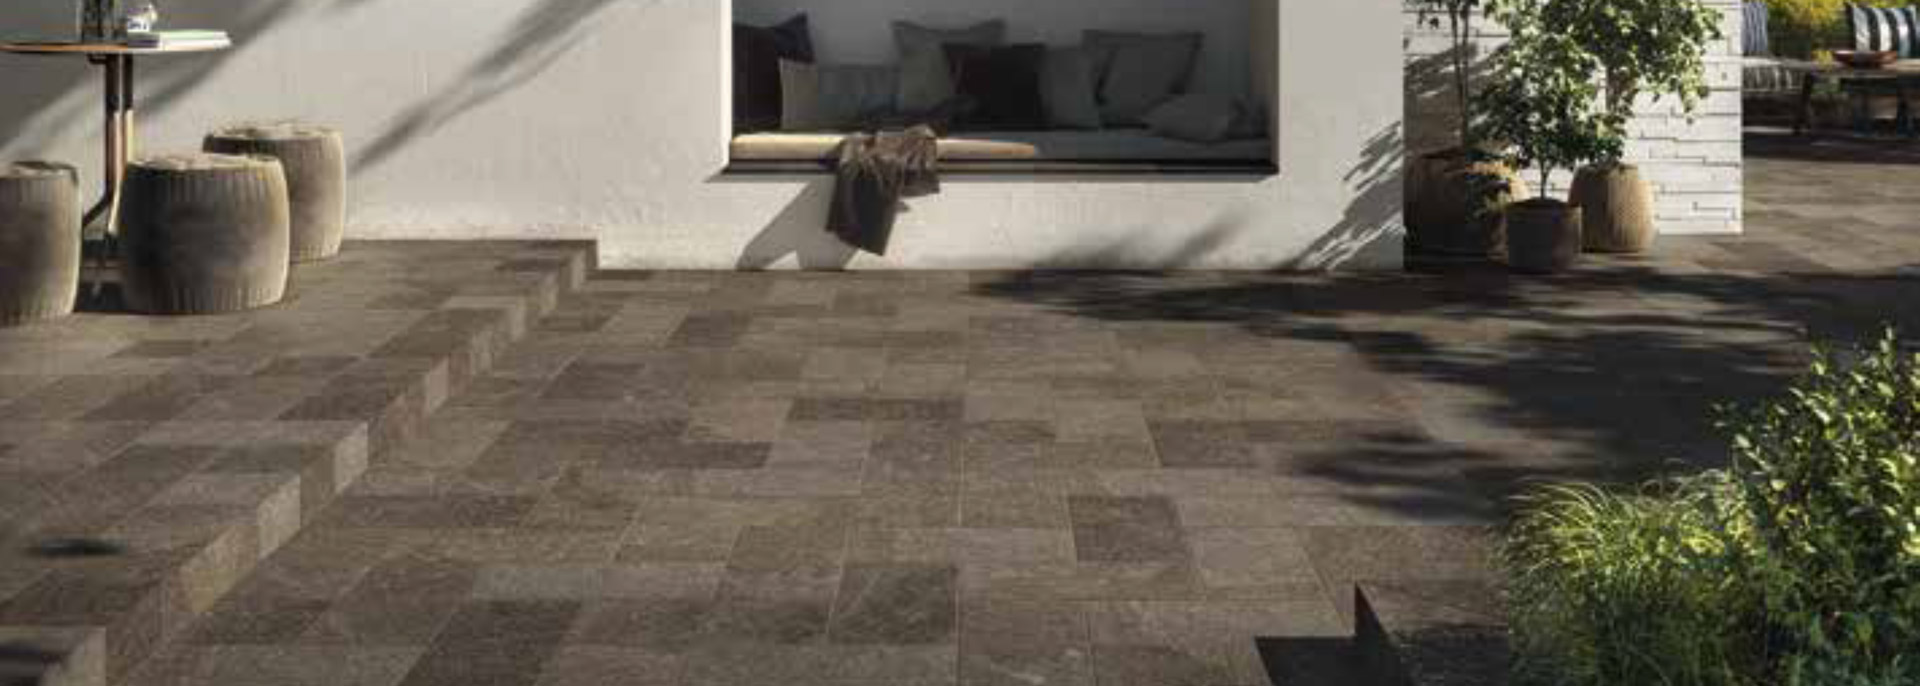 schulte naturstein keramik mirage modularansicht